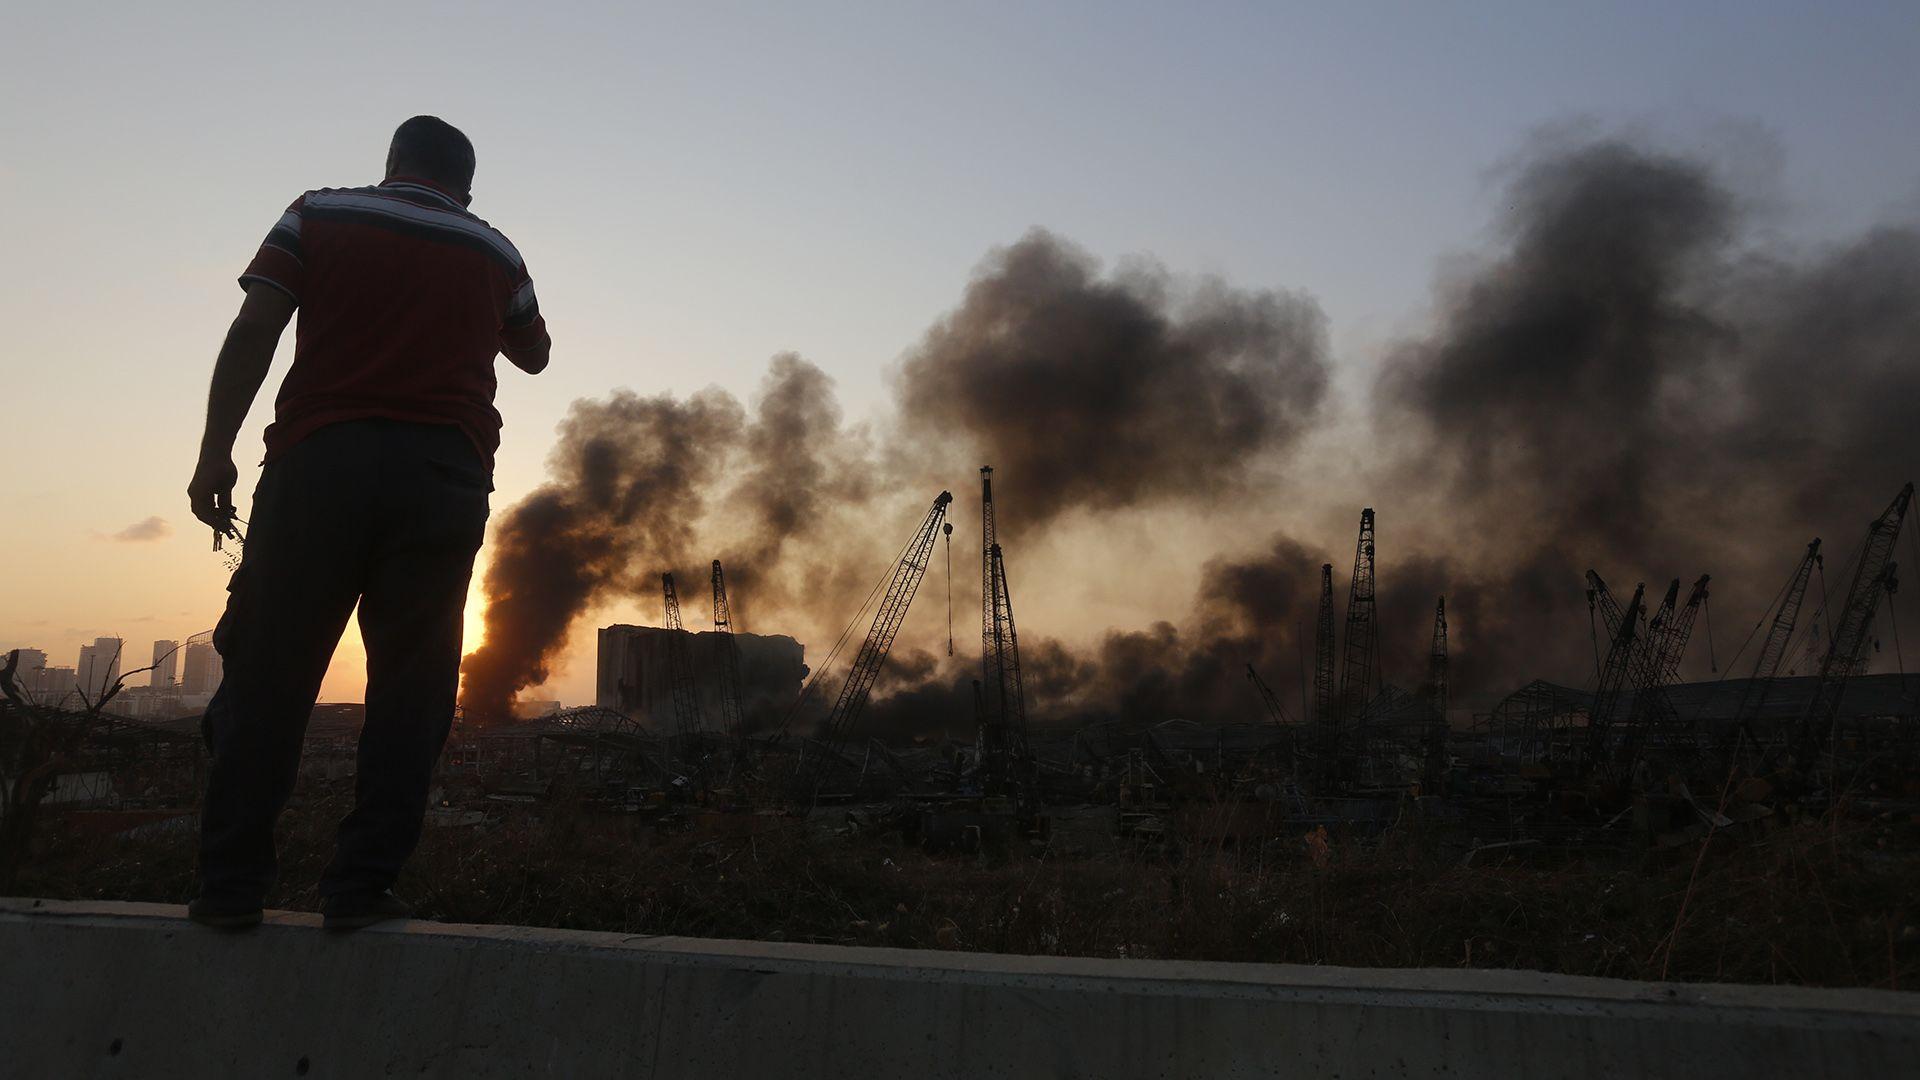 Elképesztő videó készült a bejrúti robbanásról